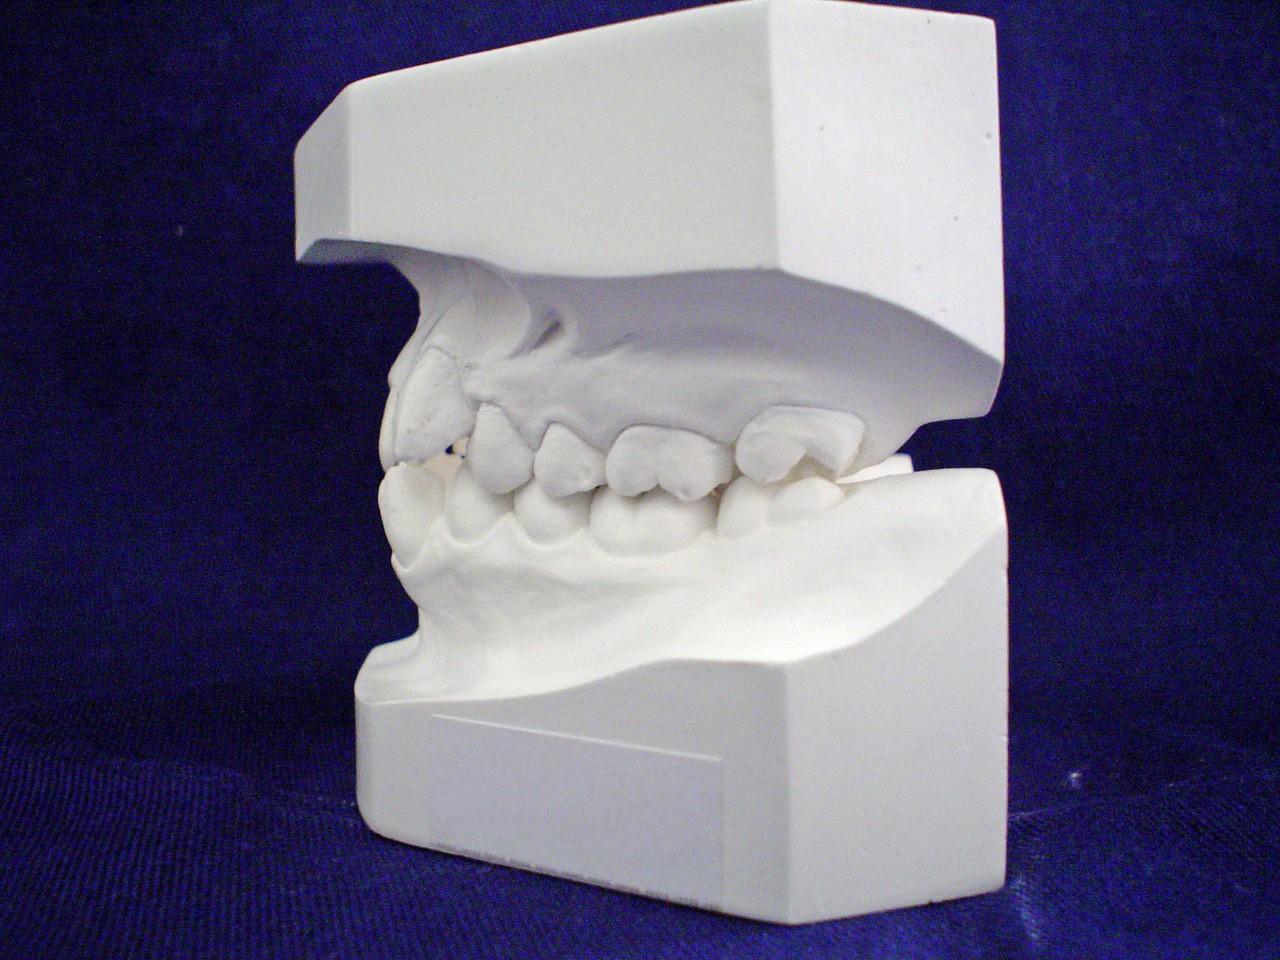 Jak dbać o szczoteczkę do zębów?